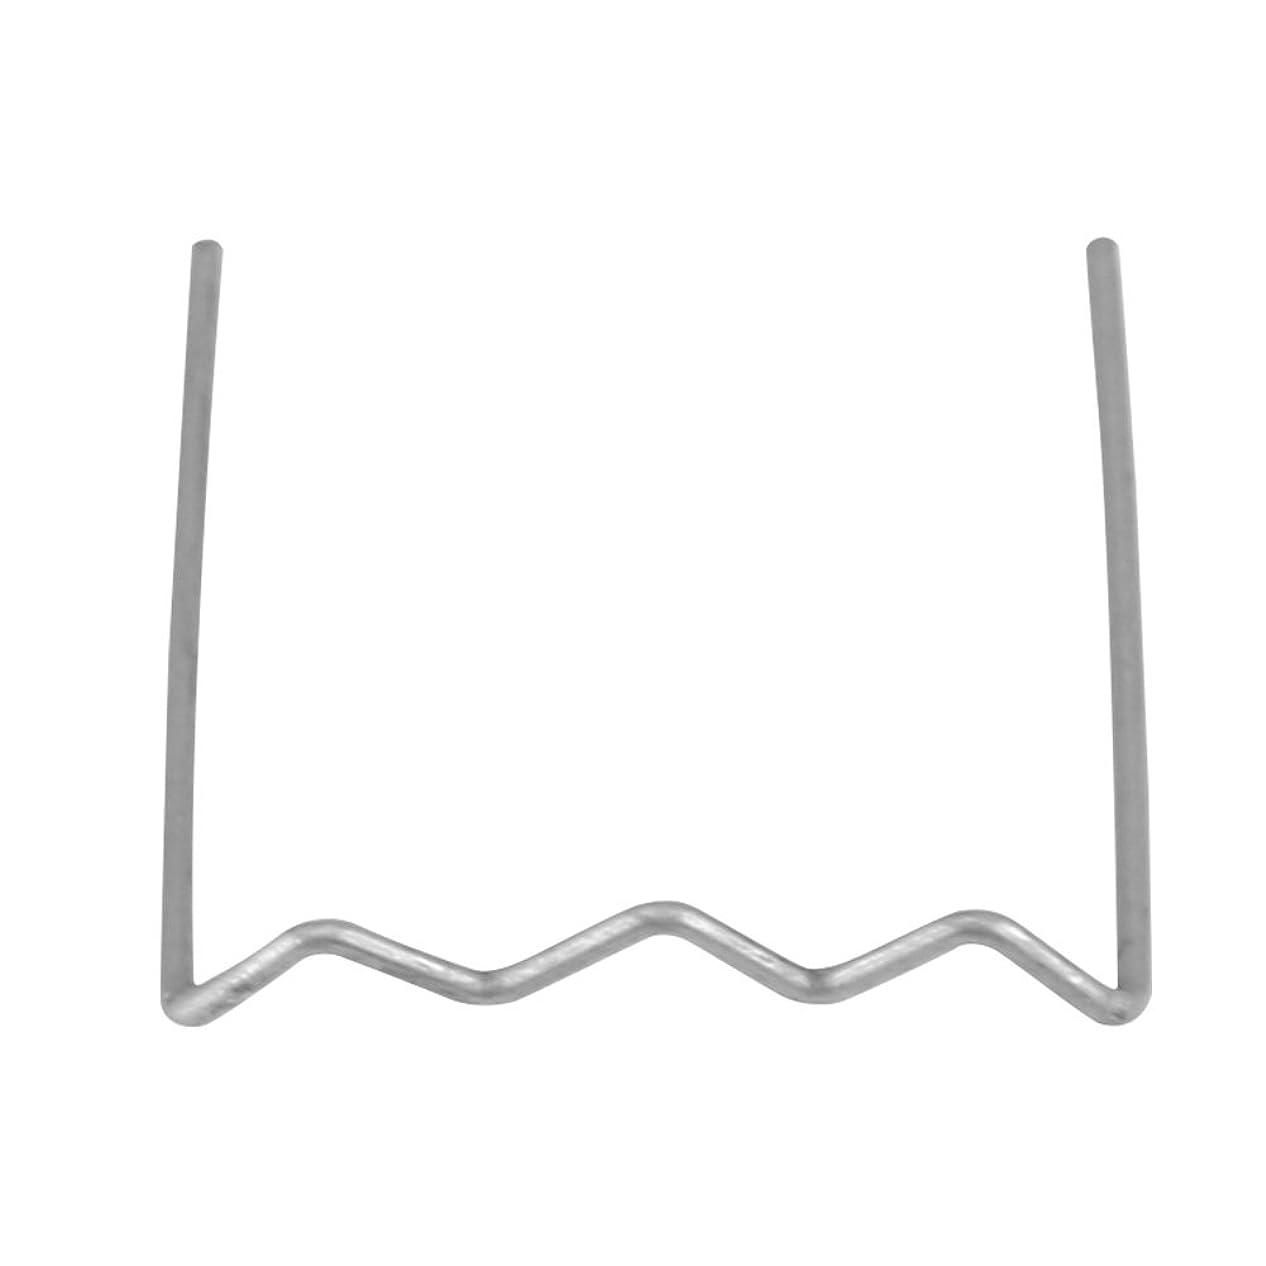 公平ななめらかな見落とすQiilu 【100ピース】 0.6mm 電熱ピン 溶着ピン 溶接ステープル ヒートリペアキット用 (Sスタイル)